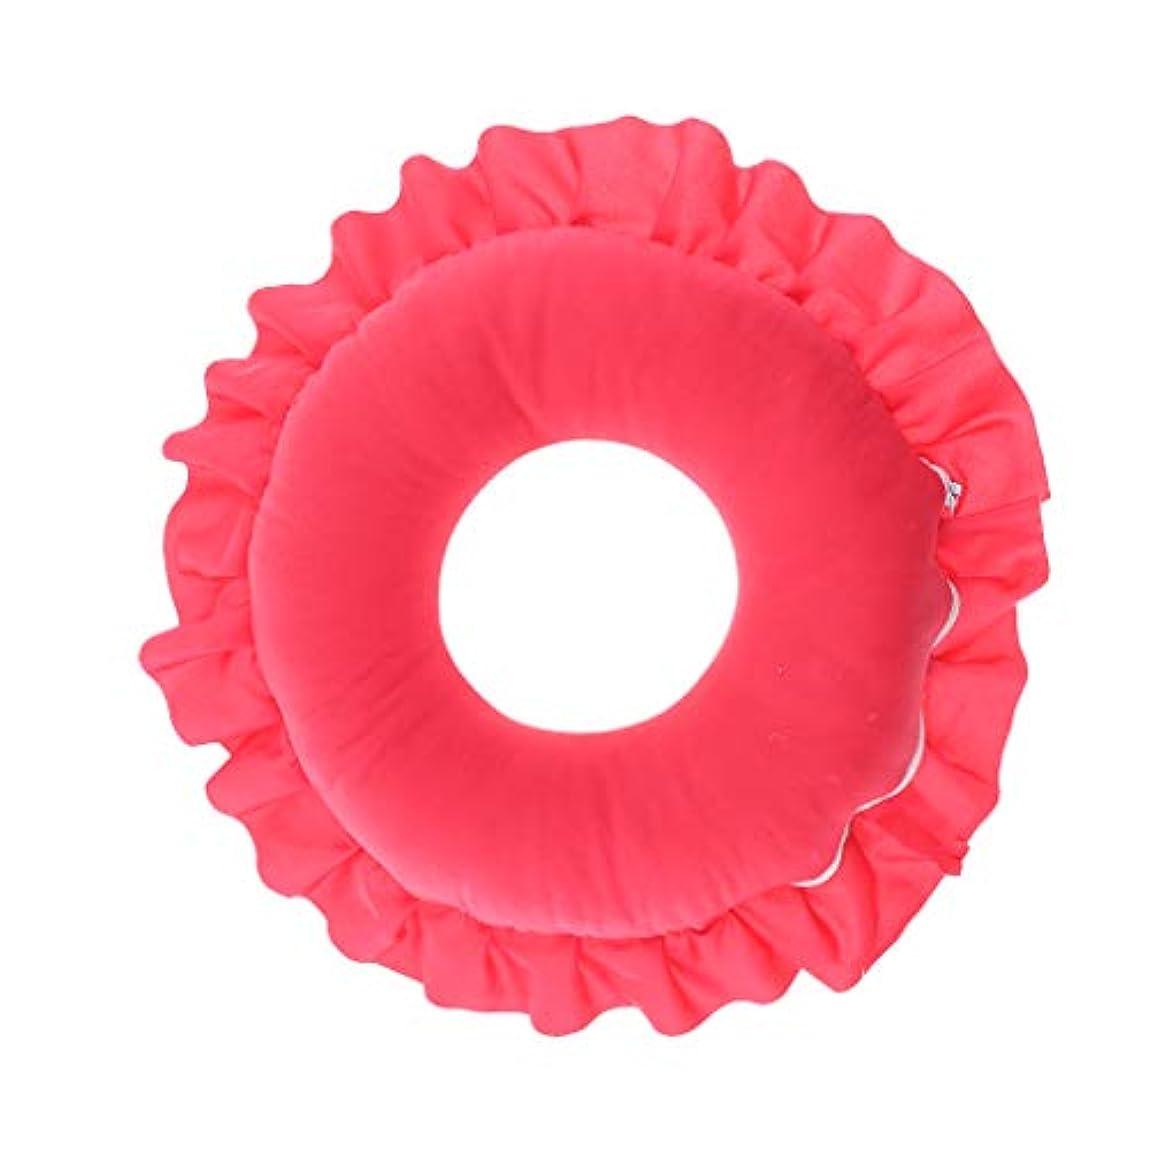 ロールミシン目絶対にD DOLITY マッサージ枕 顔枕 マッサージピロー 美容院 柔らかくて快適 取り外し可能 洗える 全4色 - 赤